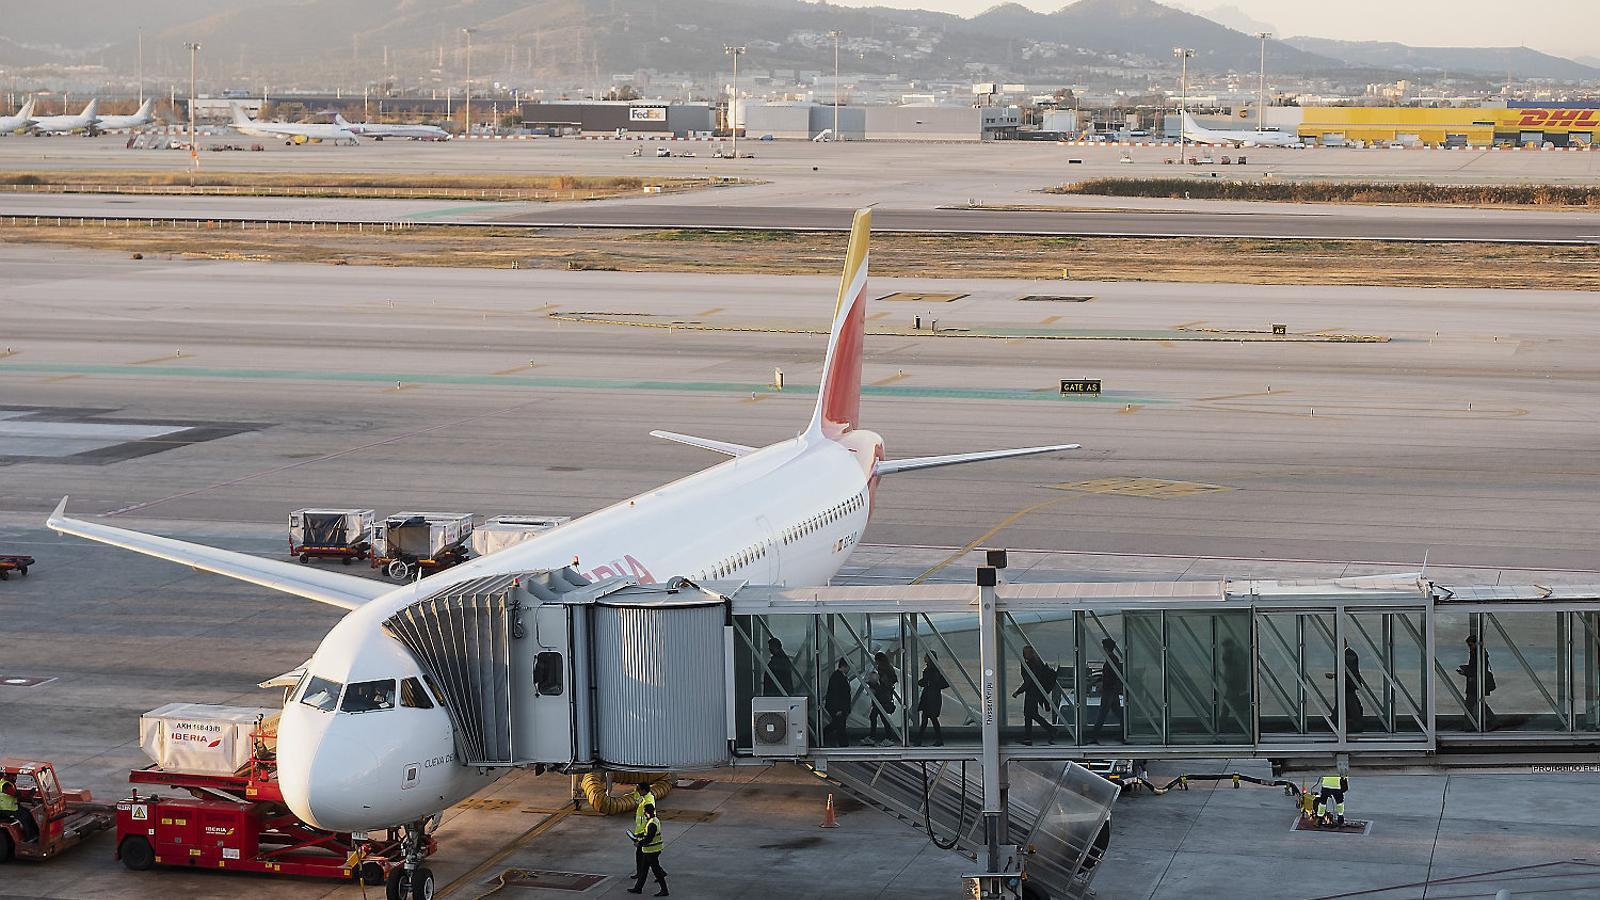 Un avió d'Iberia en ple embarcament de passatgers a l'aeroport del Prat. Aquesta companyia, igual que Vueling i Level, pertany a la britànica IAG i, per tant, es veuria afectada per un Brexit no acordat.